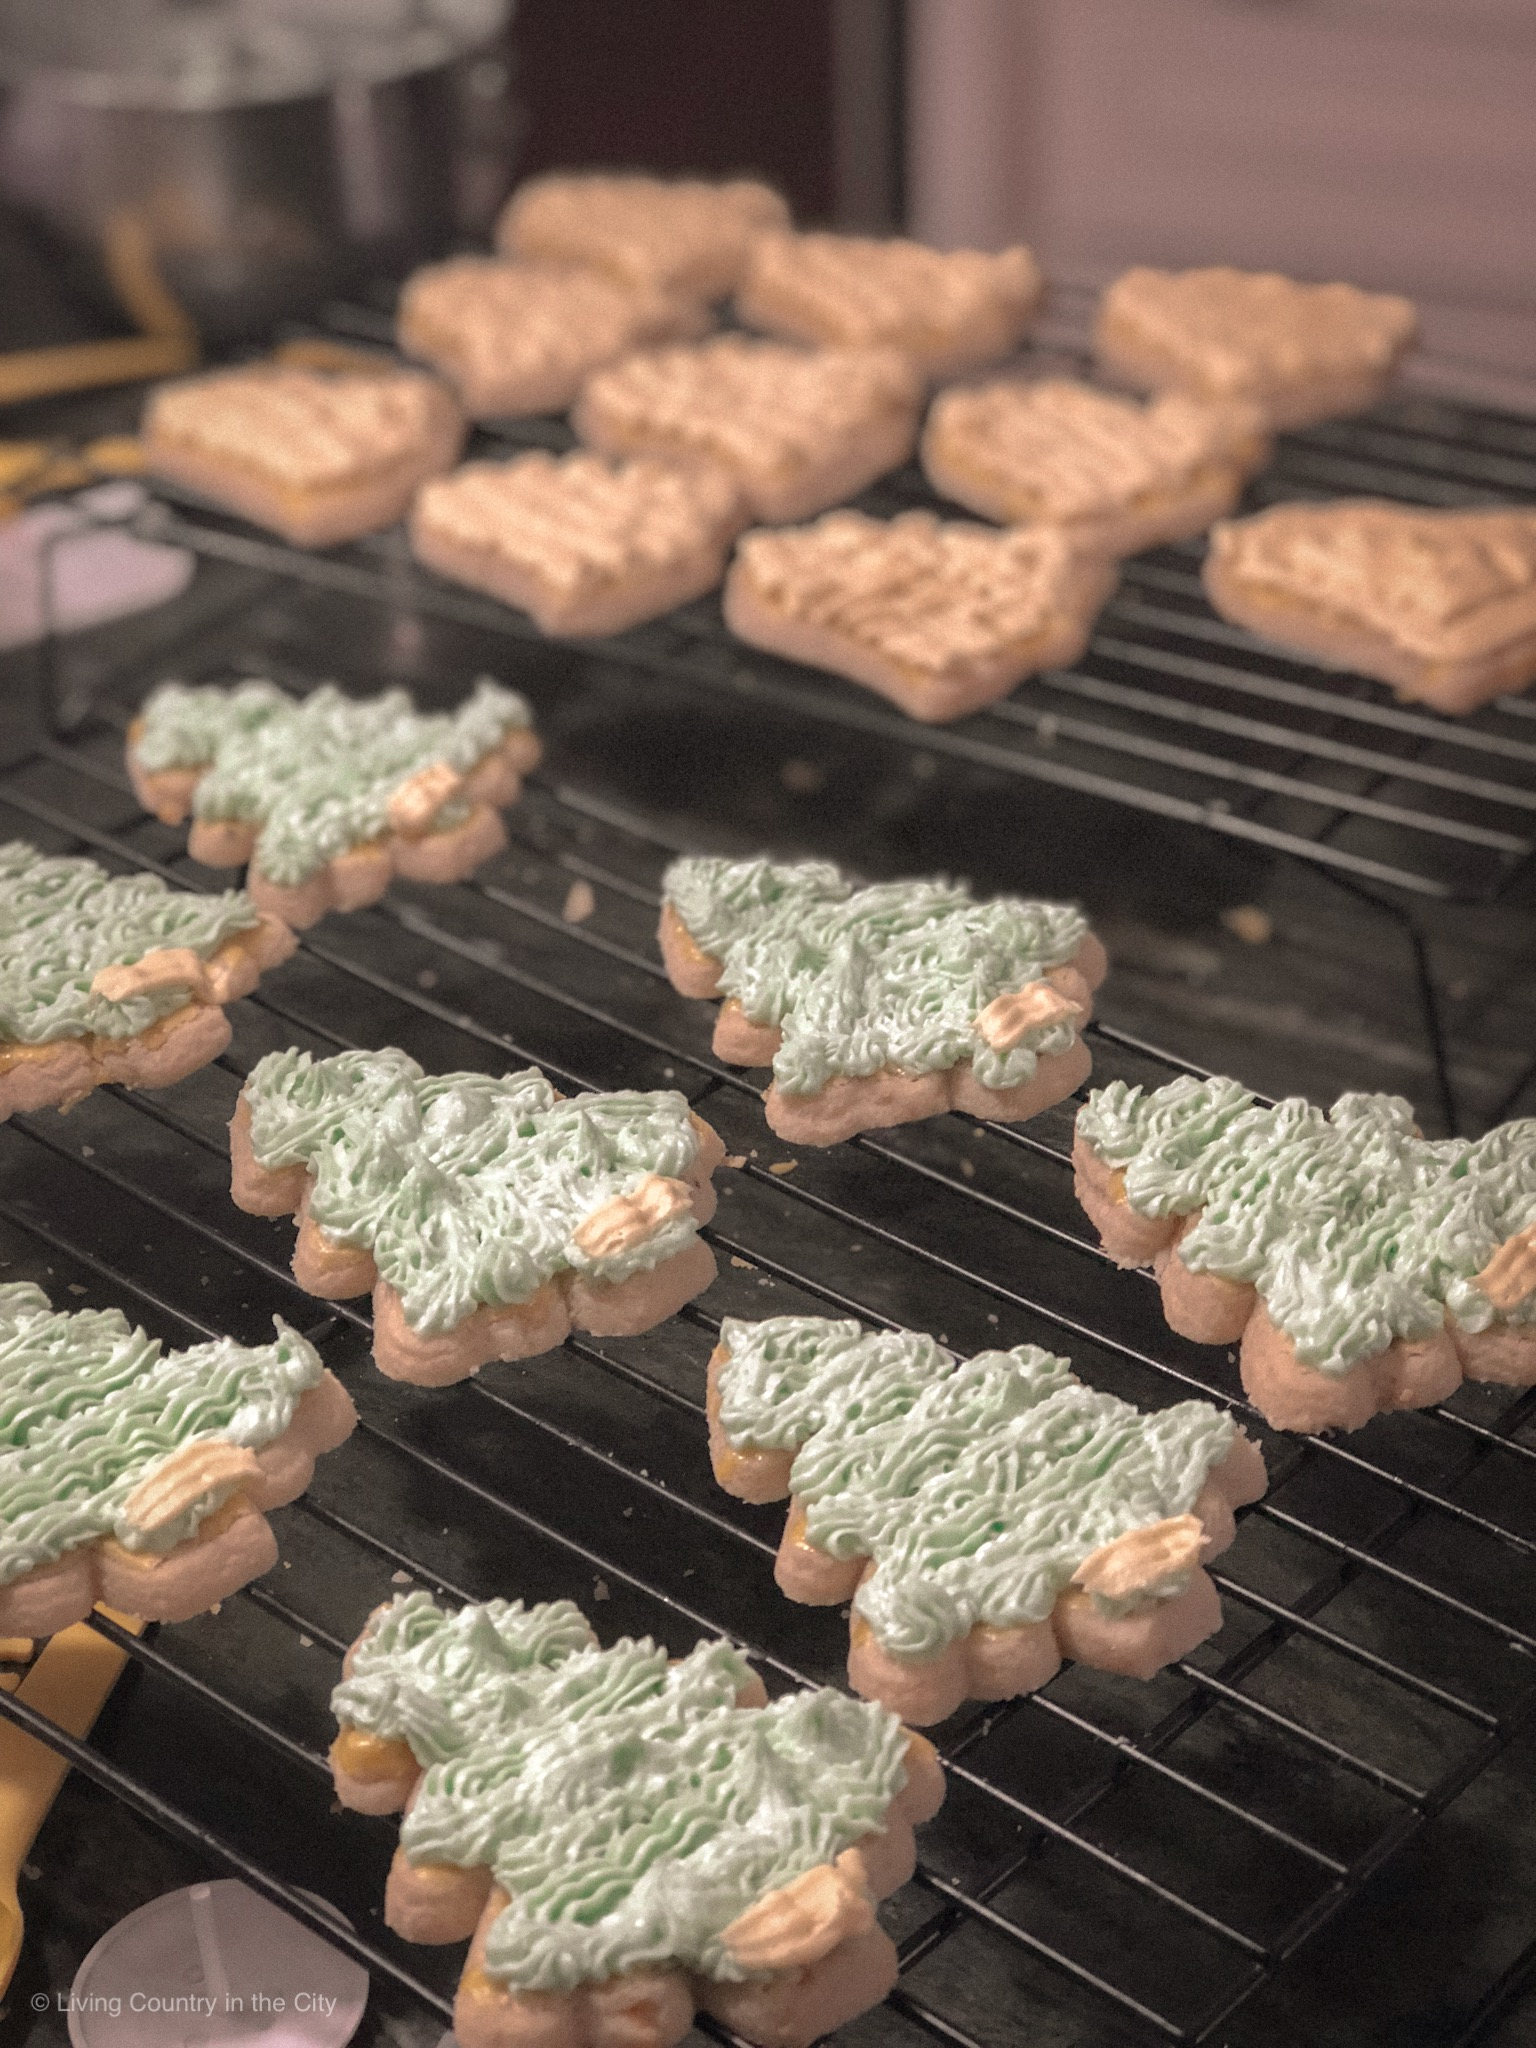 lc_blog_christmascookies_012_v1.JPG